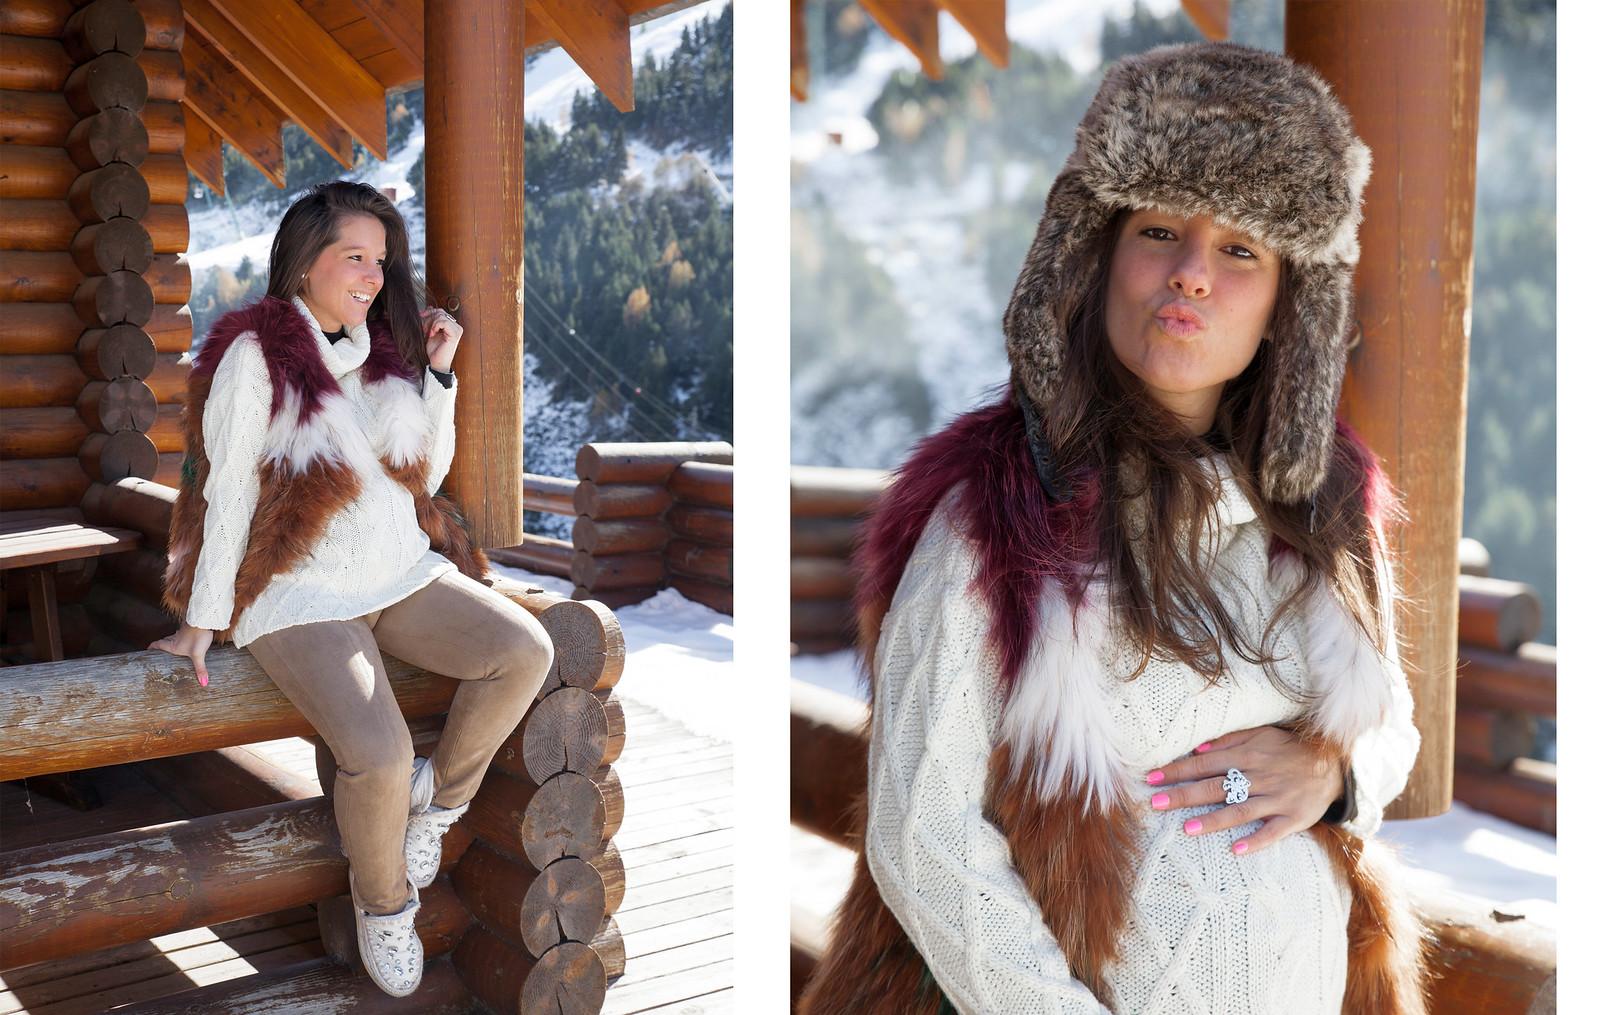 02_5_claves_para_un_look_apres_ski_tendencia_invierno_outfit_embarazada_comodo_nieve_theguestgirl_laura_santolaria_ruga_hpreppy